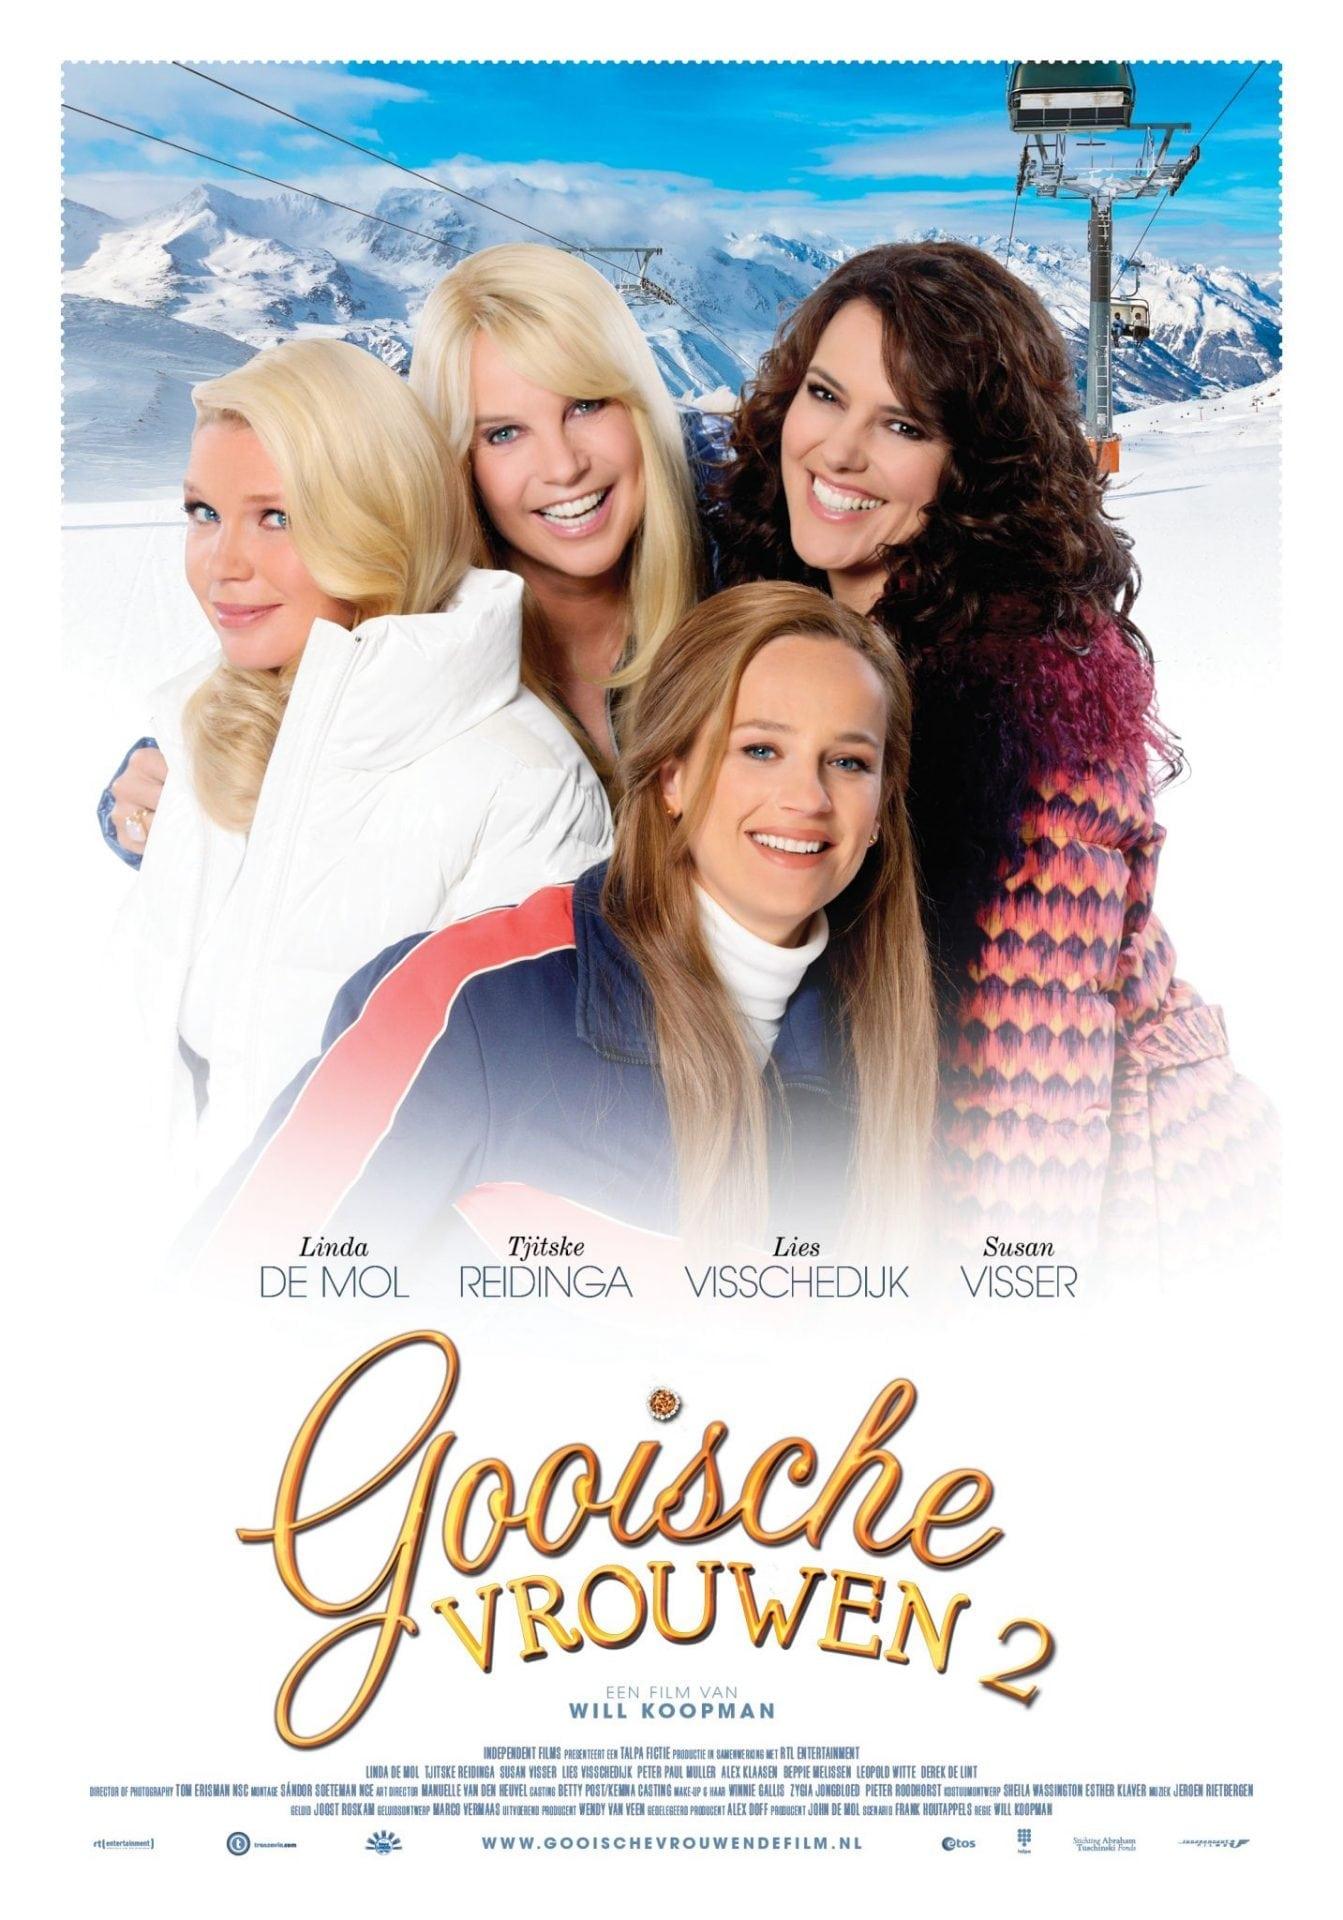 Wonderbaarlijk Gooische Vrouwen II (2014) - IMDb IC-25